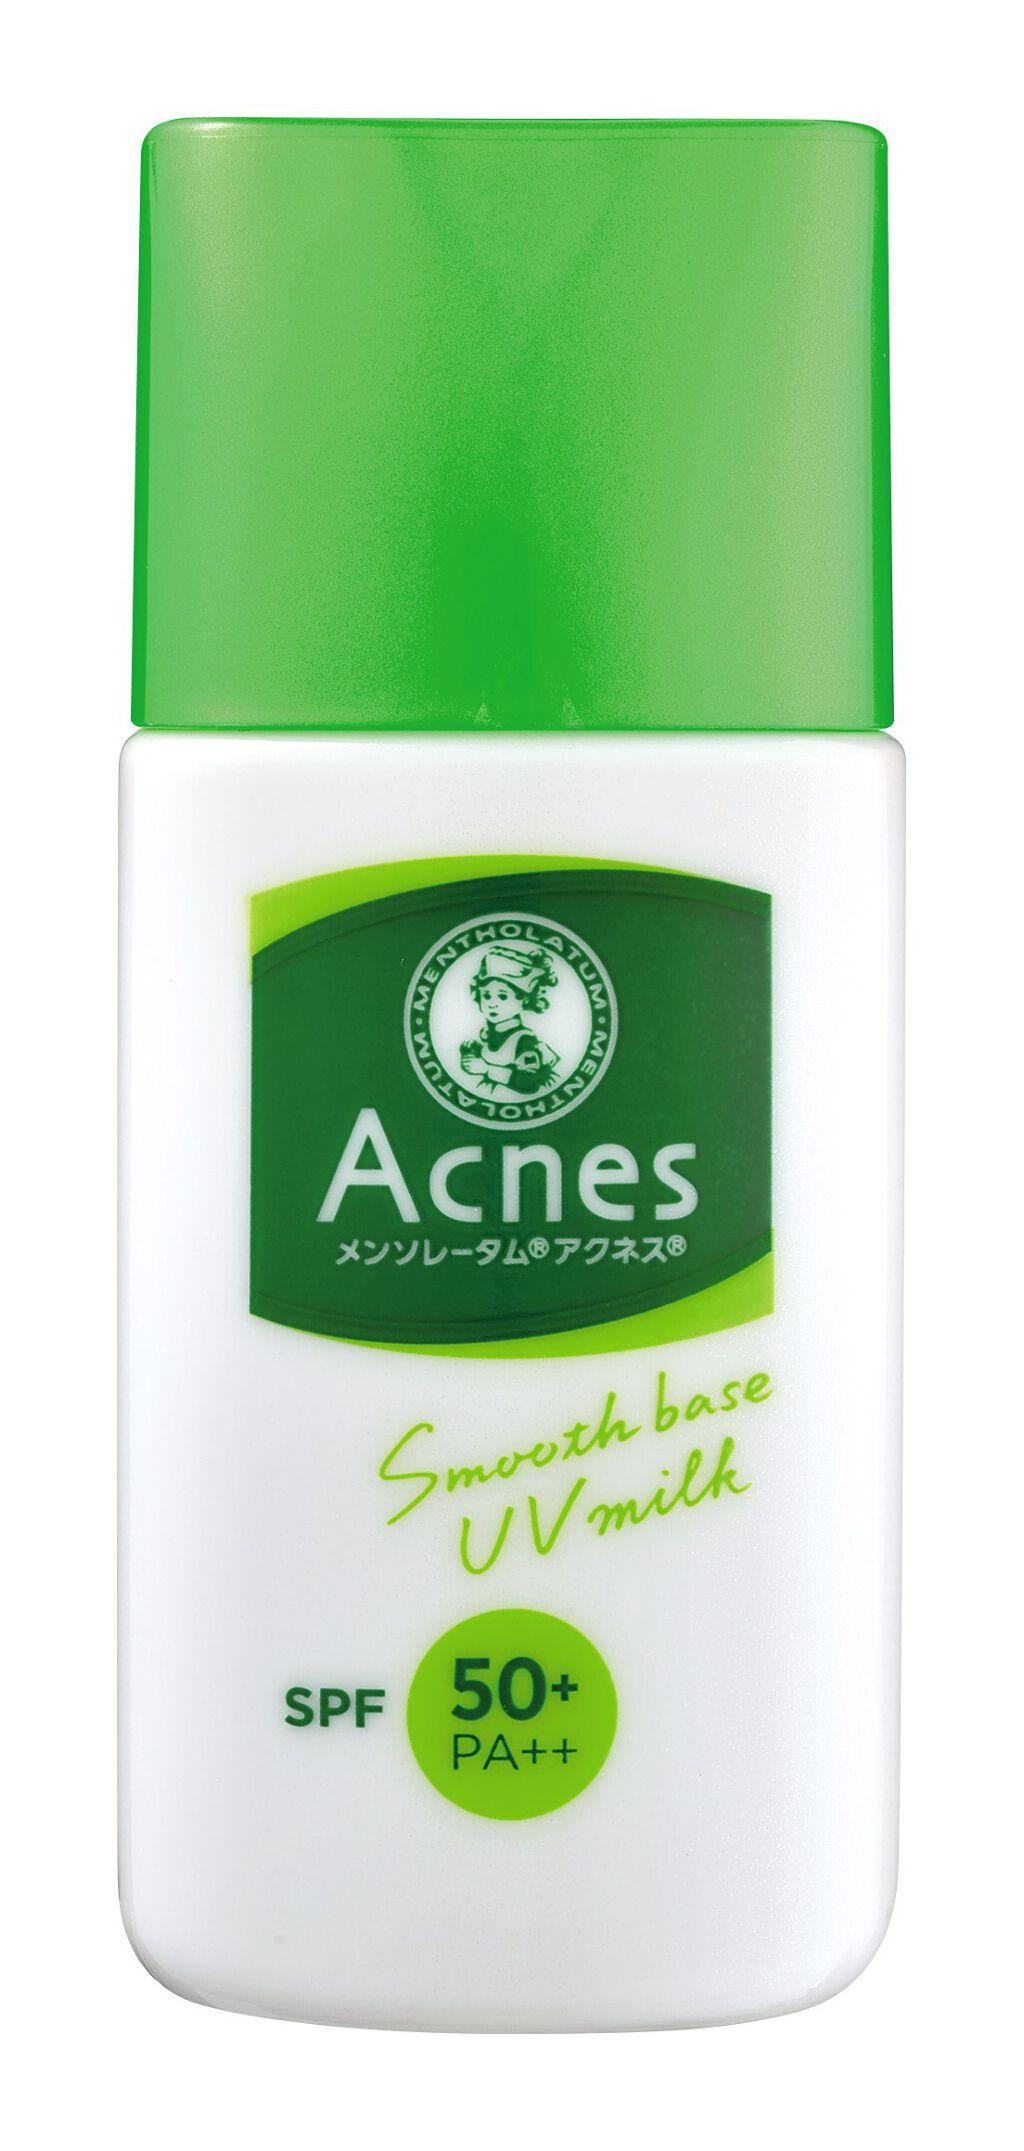 薬用スムースベースUVミルク メンソレータム アクネス